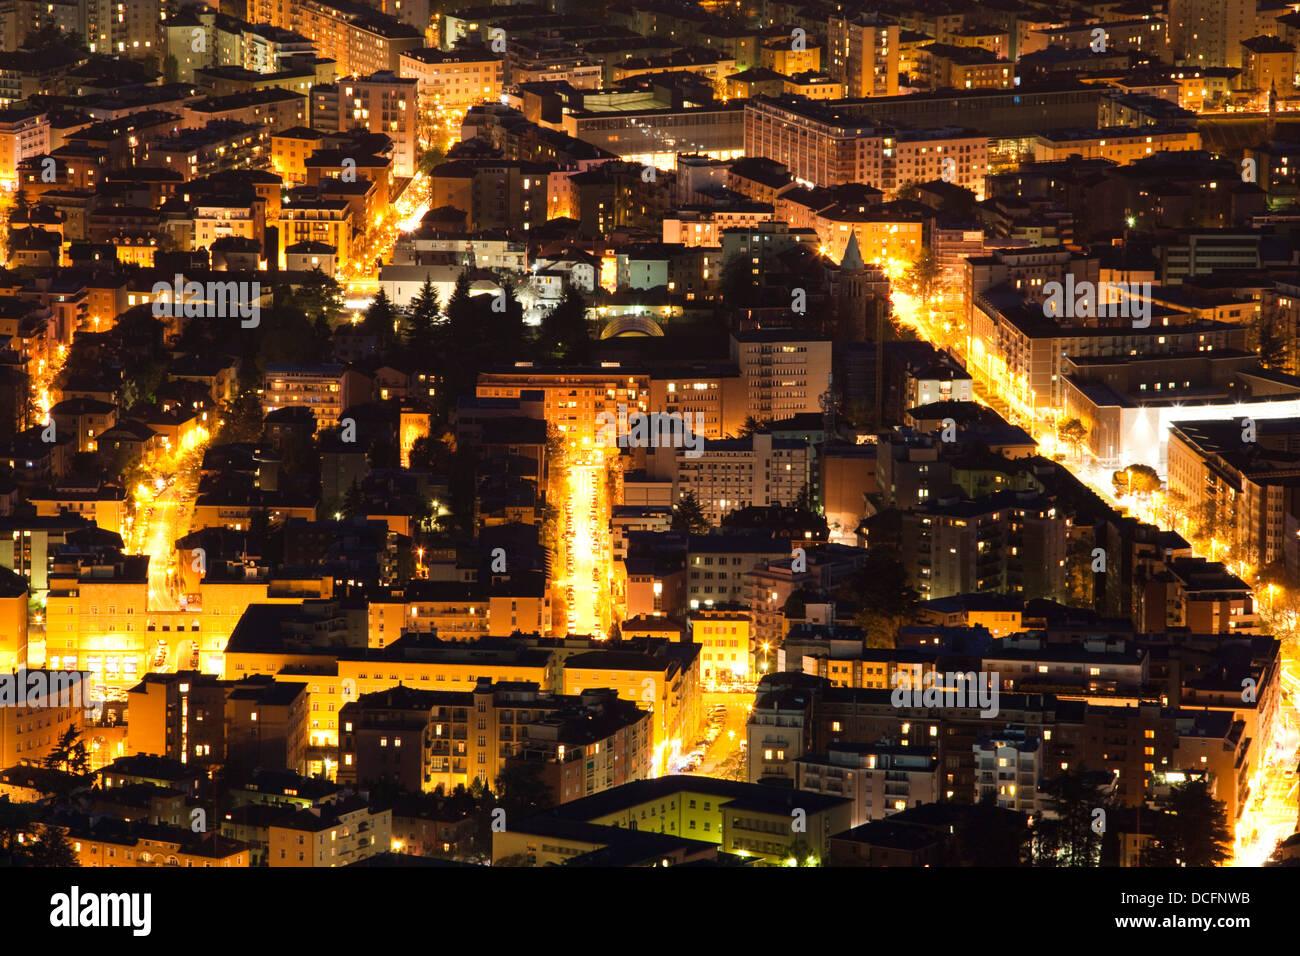 Bolzano streets at night - Stock Image